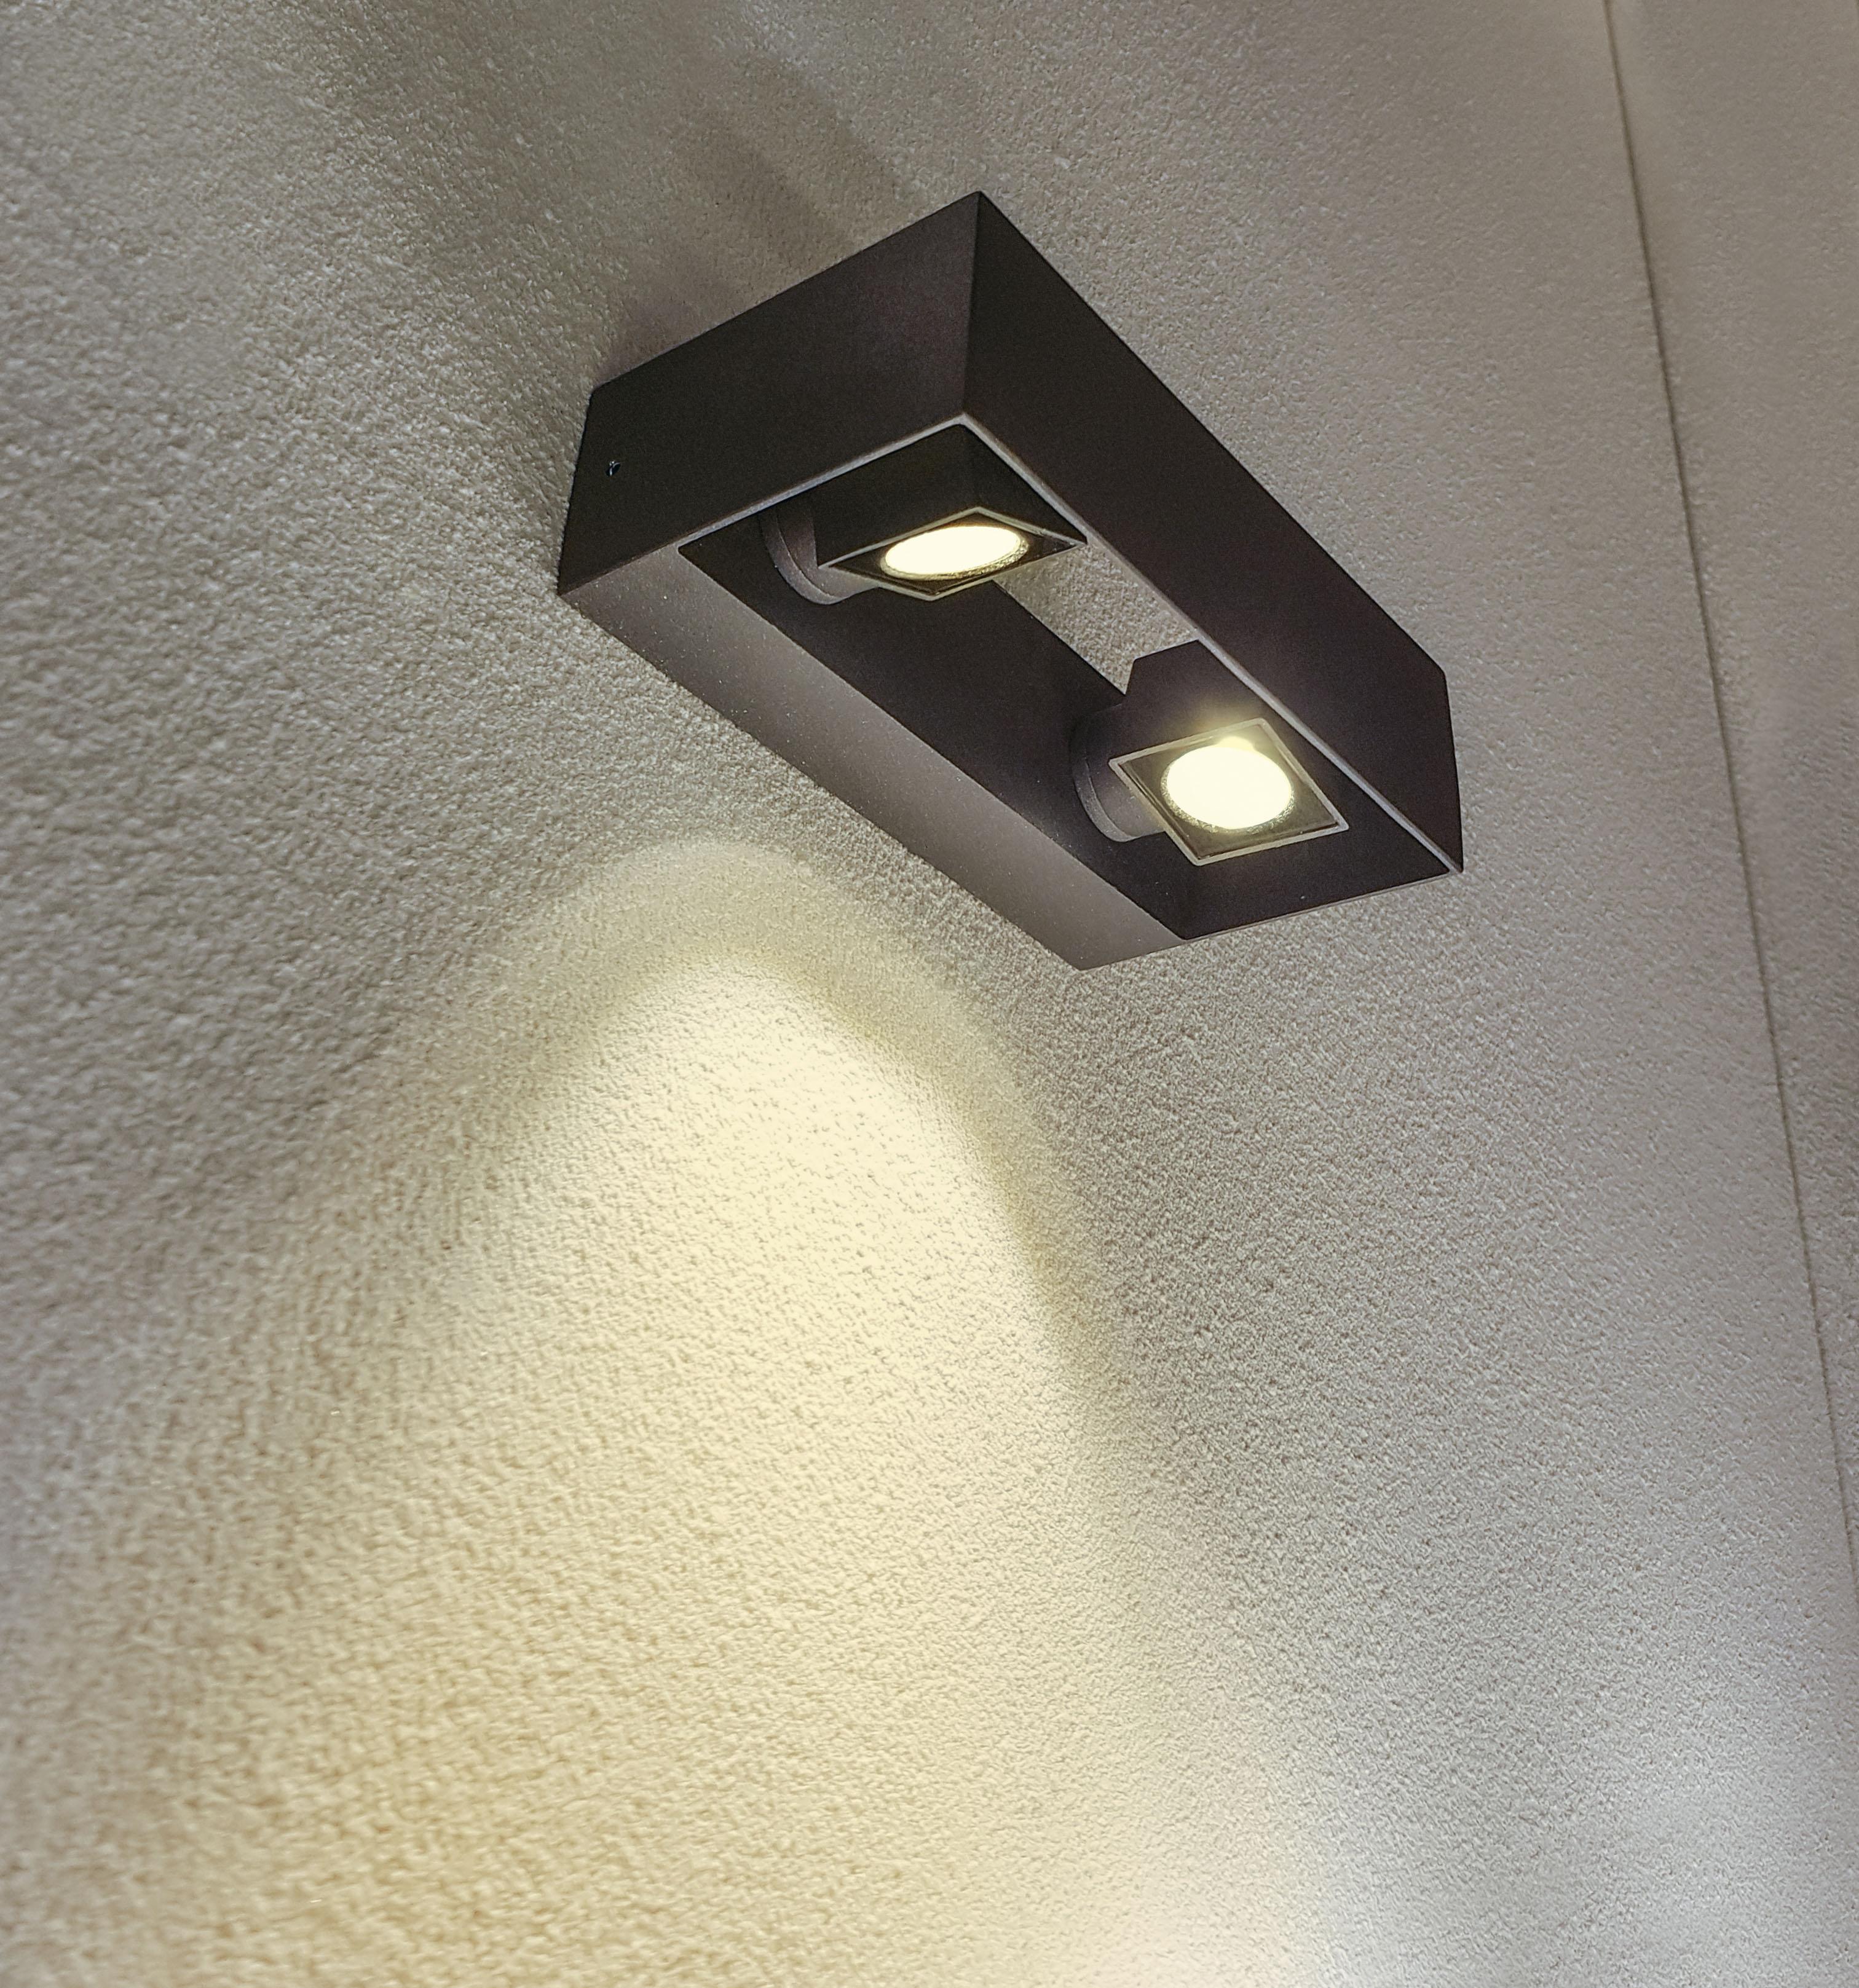 HEITRONIC LED Außen-Wandleuchte Vigo, LED-Board, Warmweiß, Einzeln verstellbare Spots